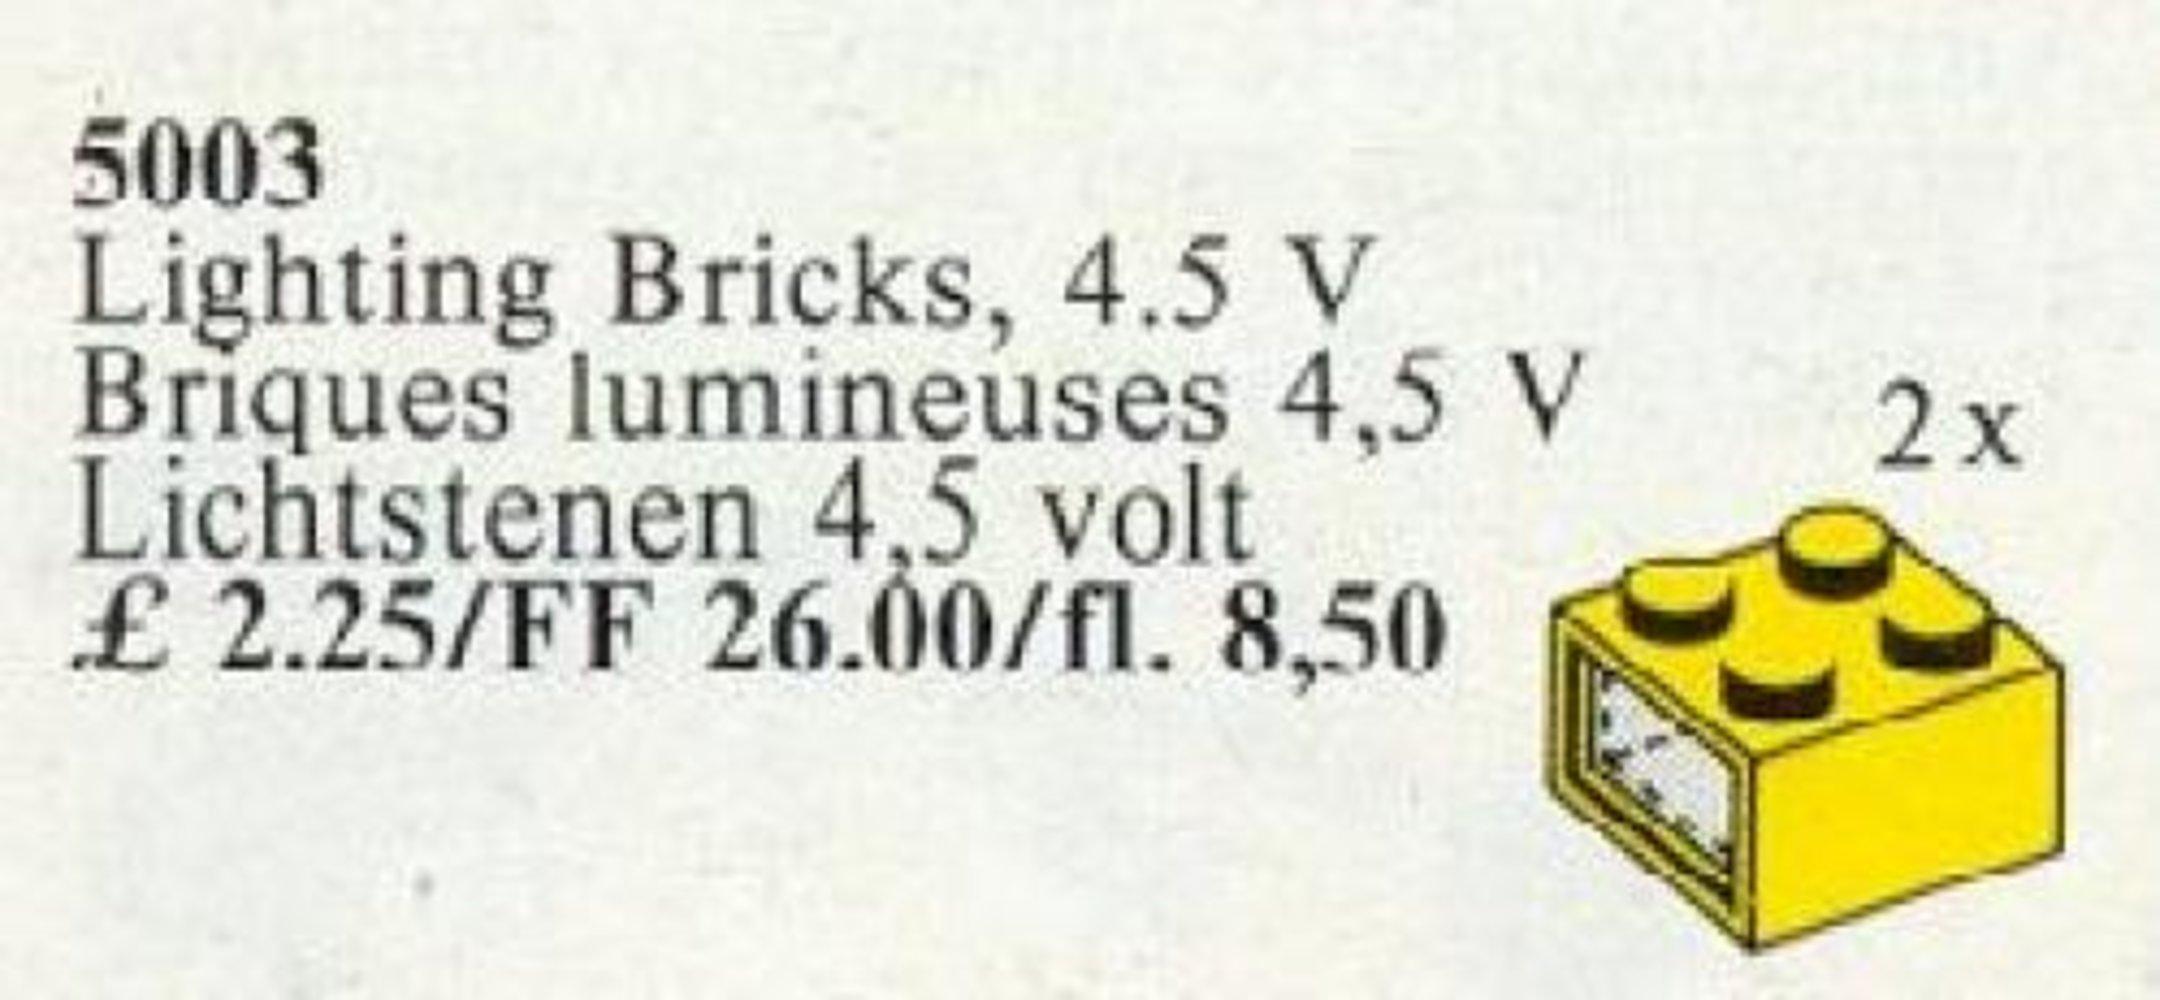 Light Bricks, 4.5V